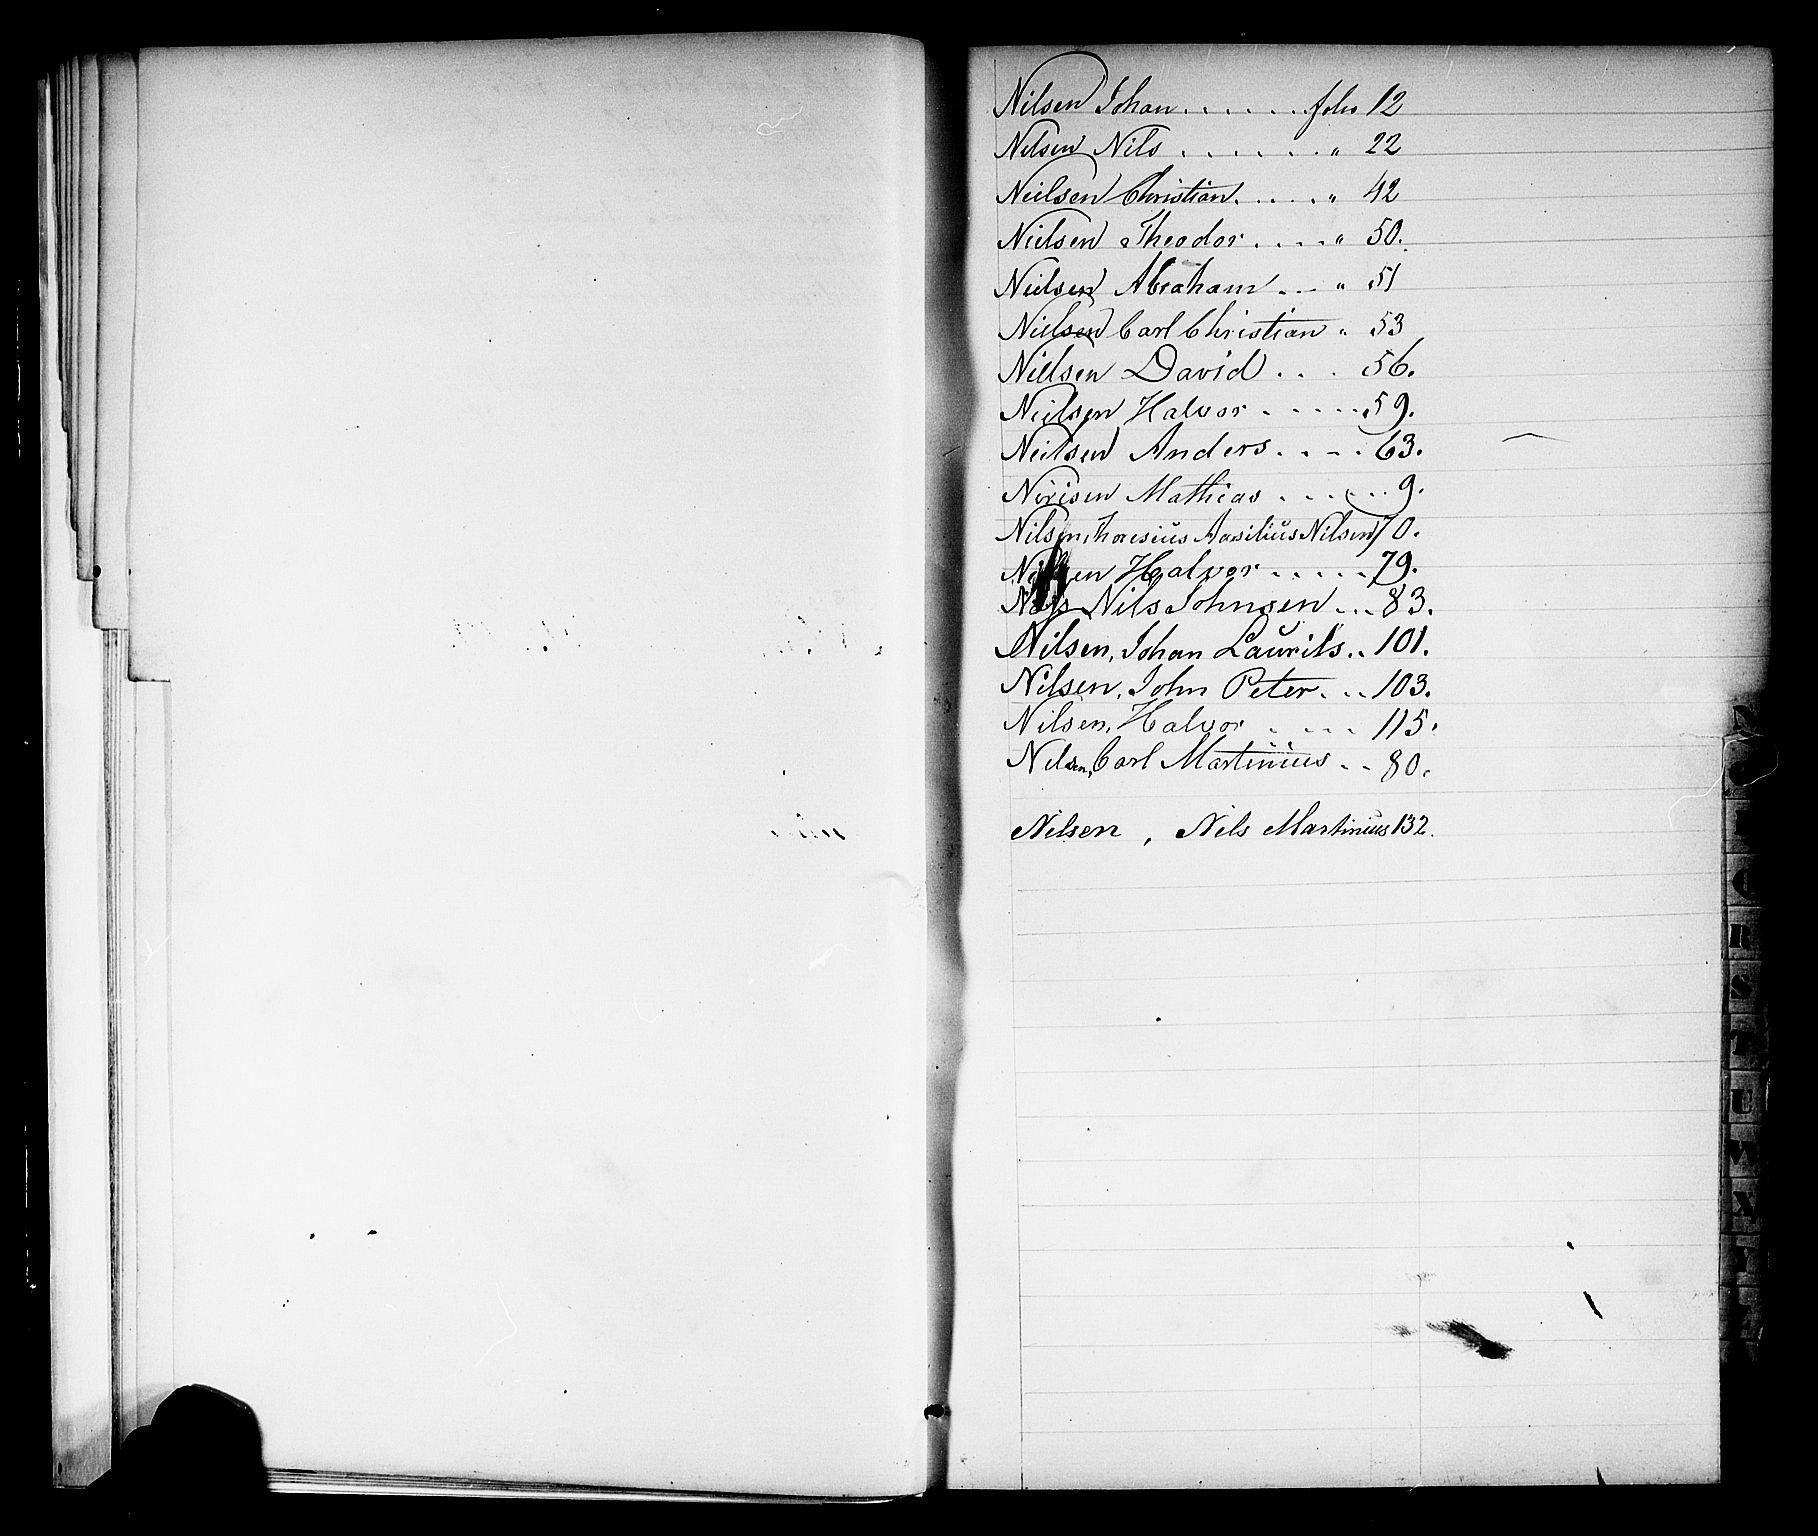 SAKO, Porsgrunn innrulleringskontor, F/Fb/L0001: Annotasjonsrulle, 1860-1868, s. 15